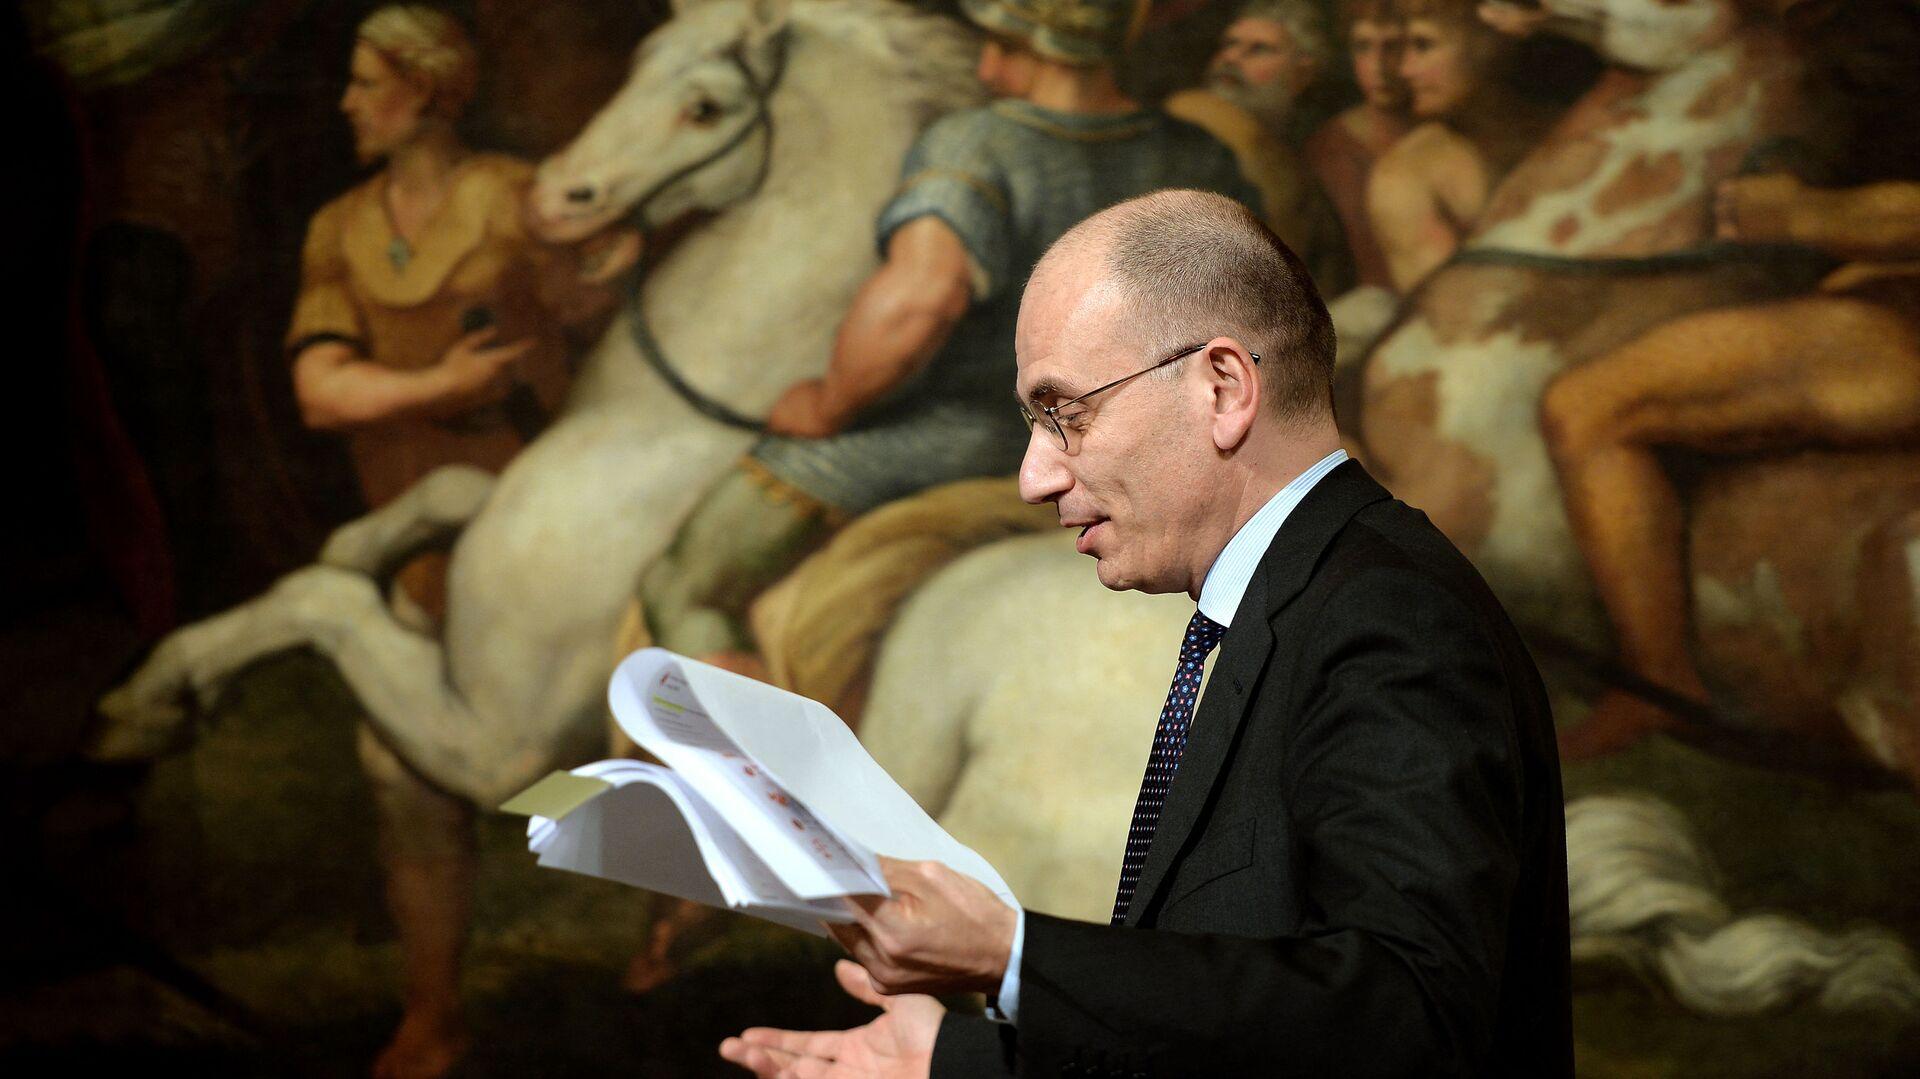 Enrico Letta, segretario del Partito Democratico - Sputnik Italia, 1920, 26.09.2021